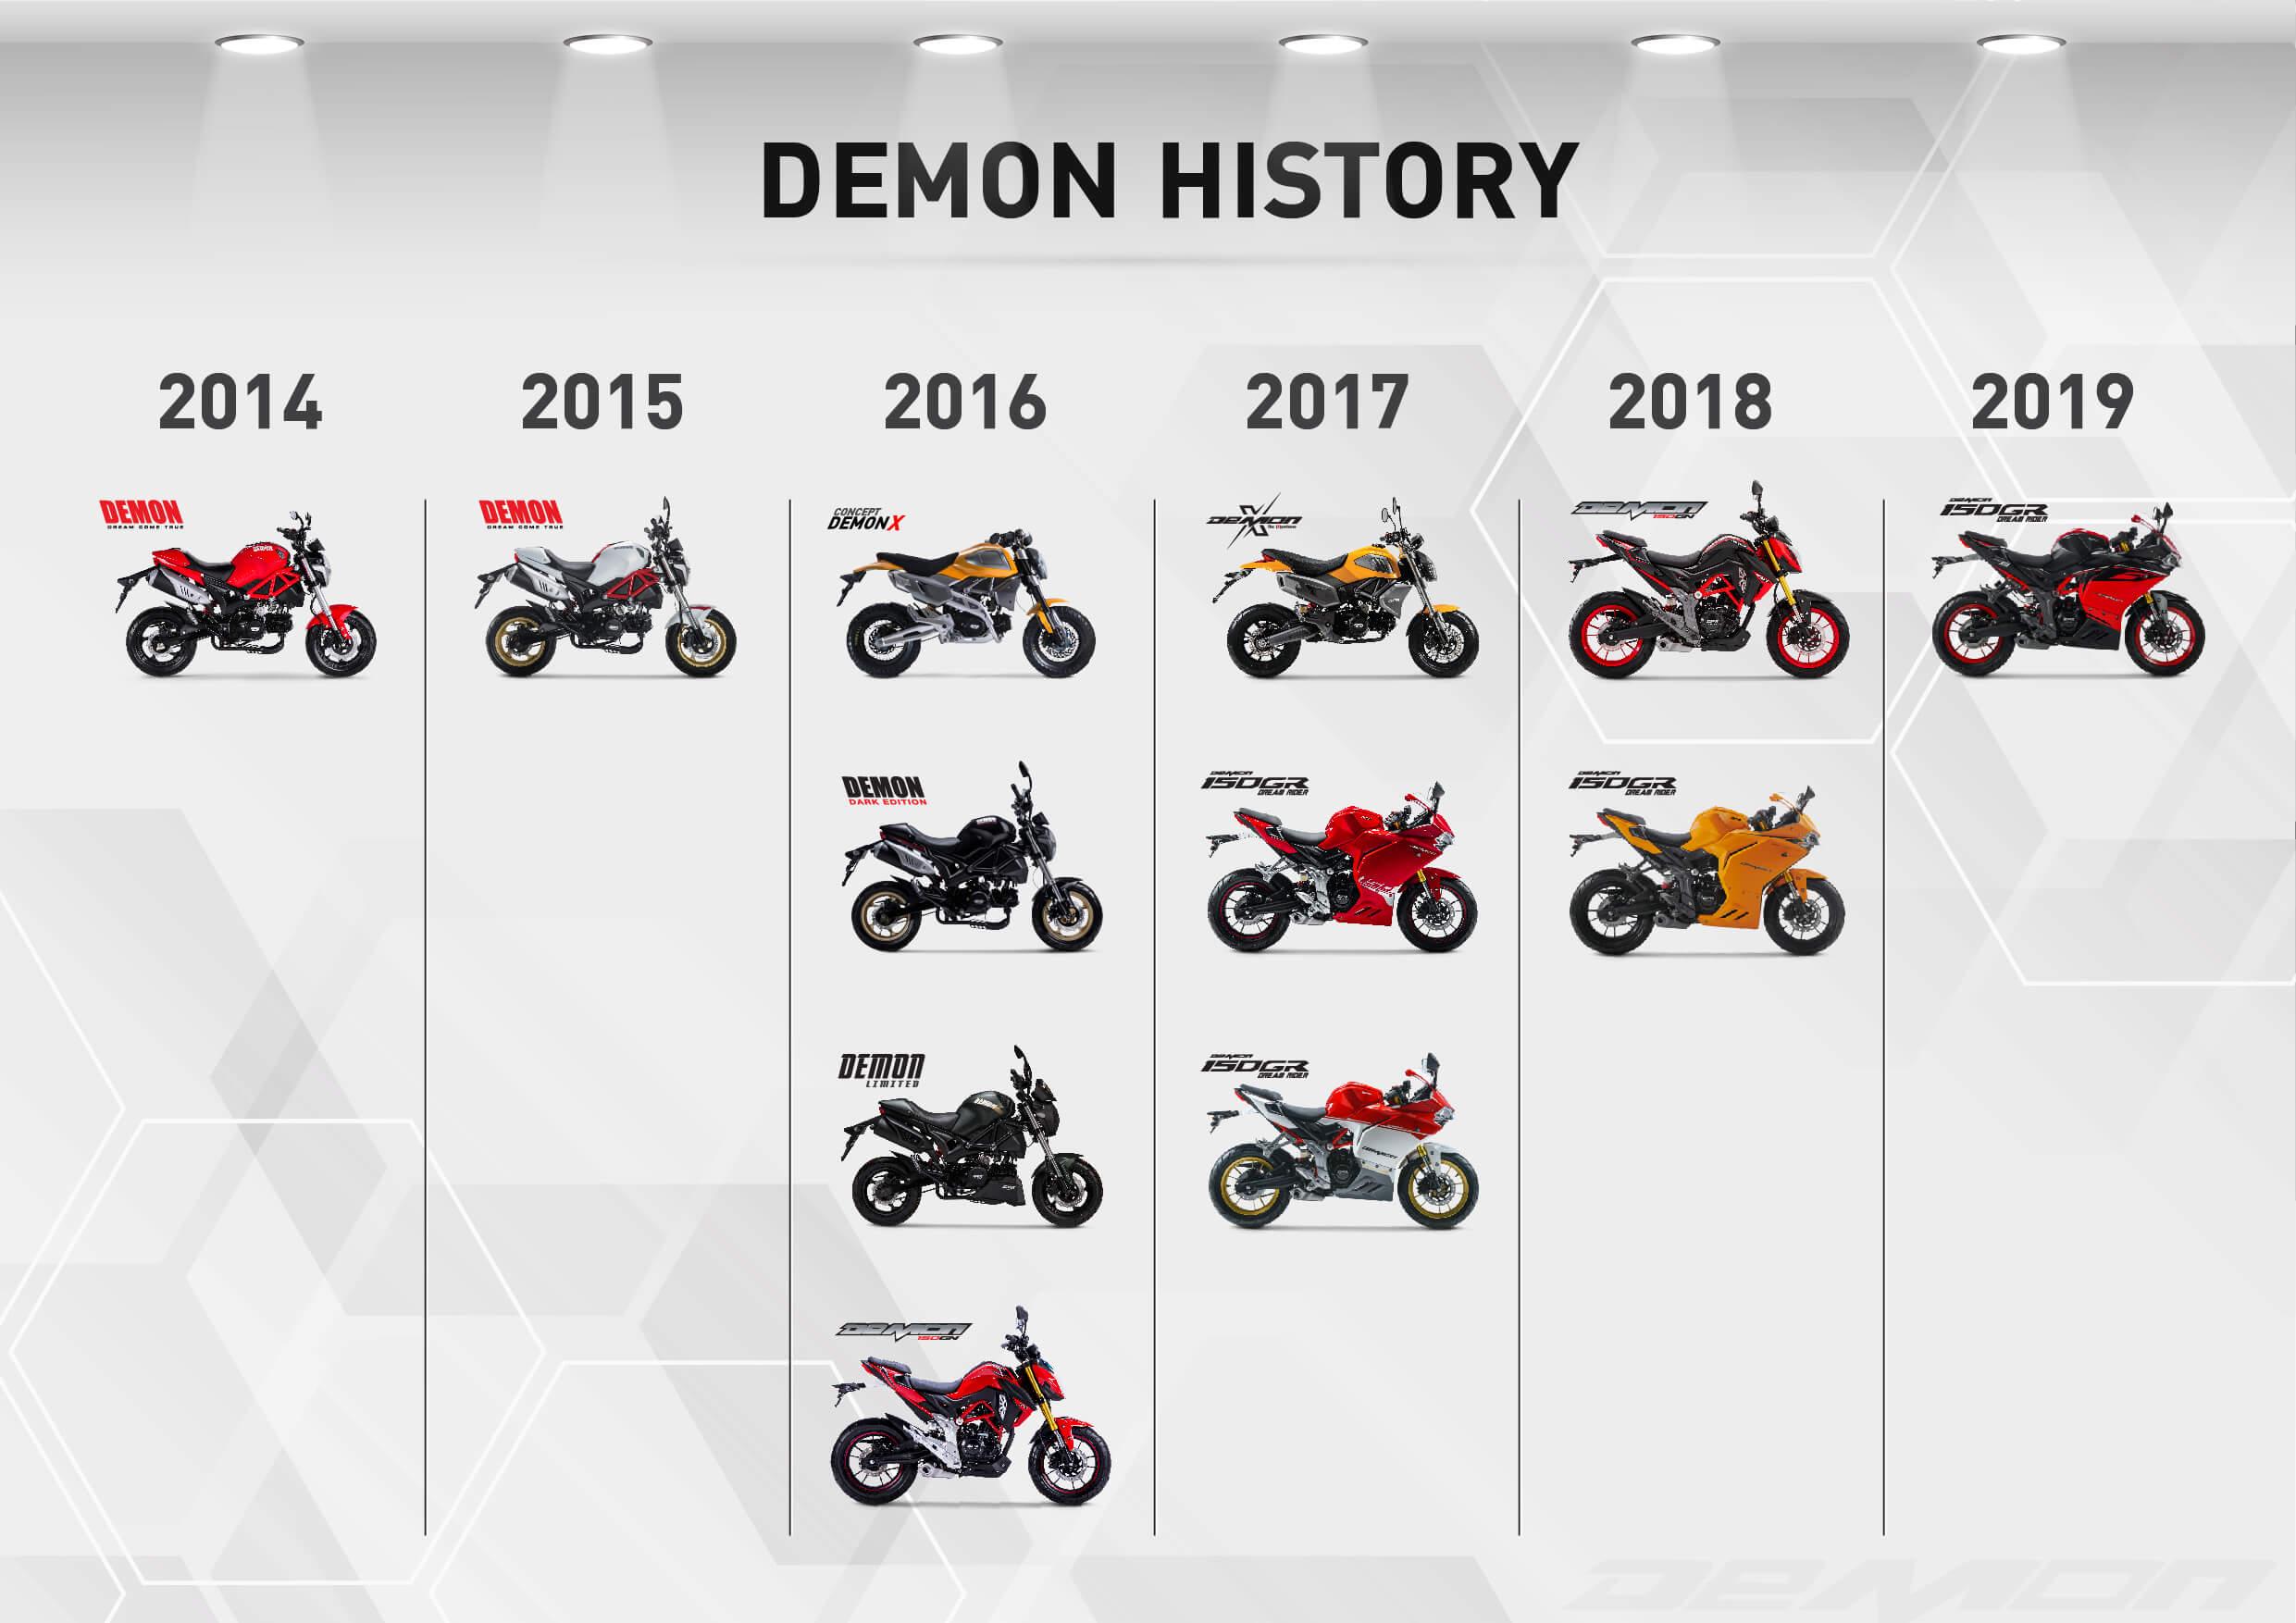 GPX 'Demon' ซีรีส์เรือธง กับ 5 ปีแห่งความสำเร็จ